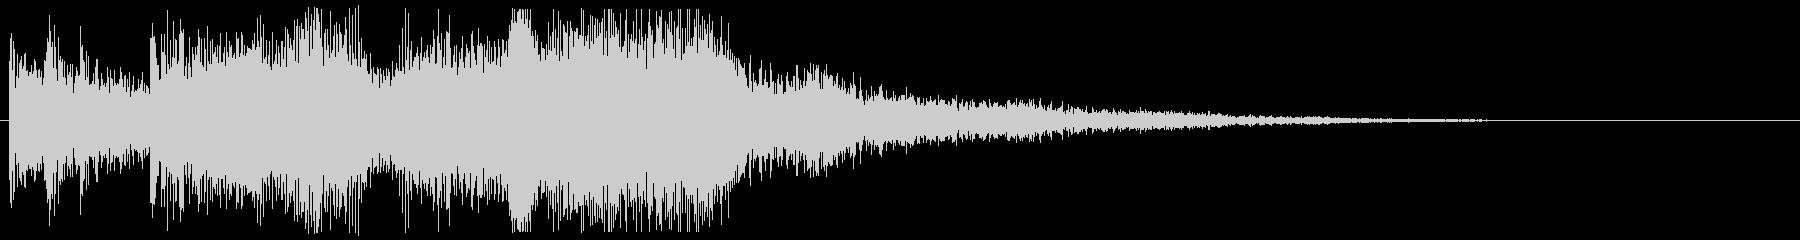 5秒以内 CMイン 勇ましい場面転換音の未再生の波形